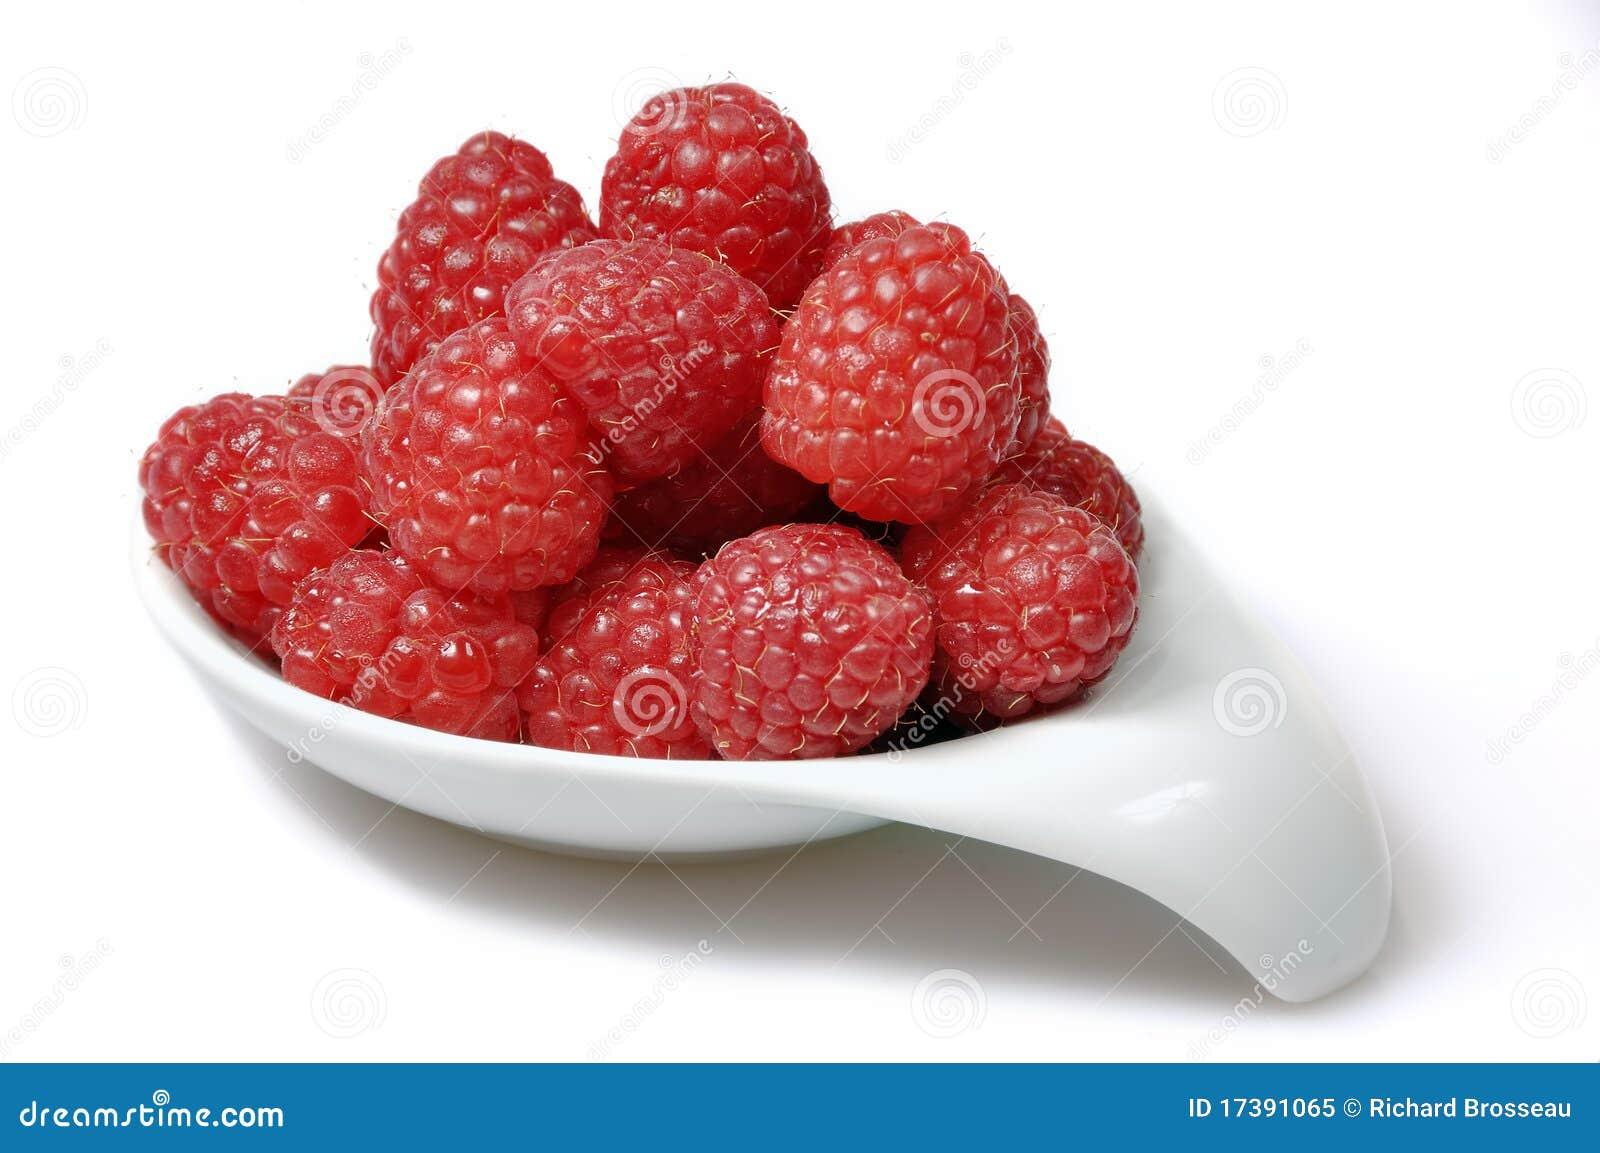 Rasberries dans un paraboloïde